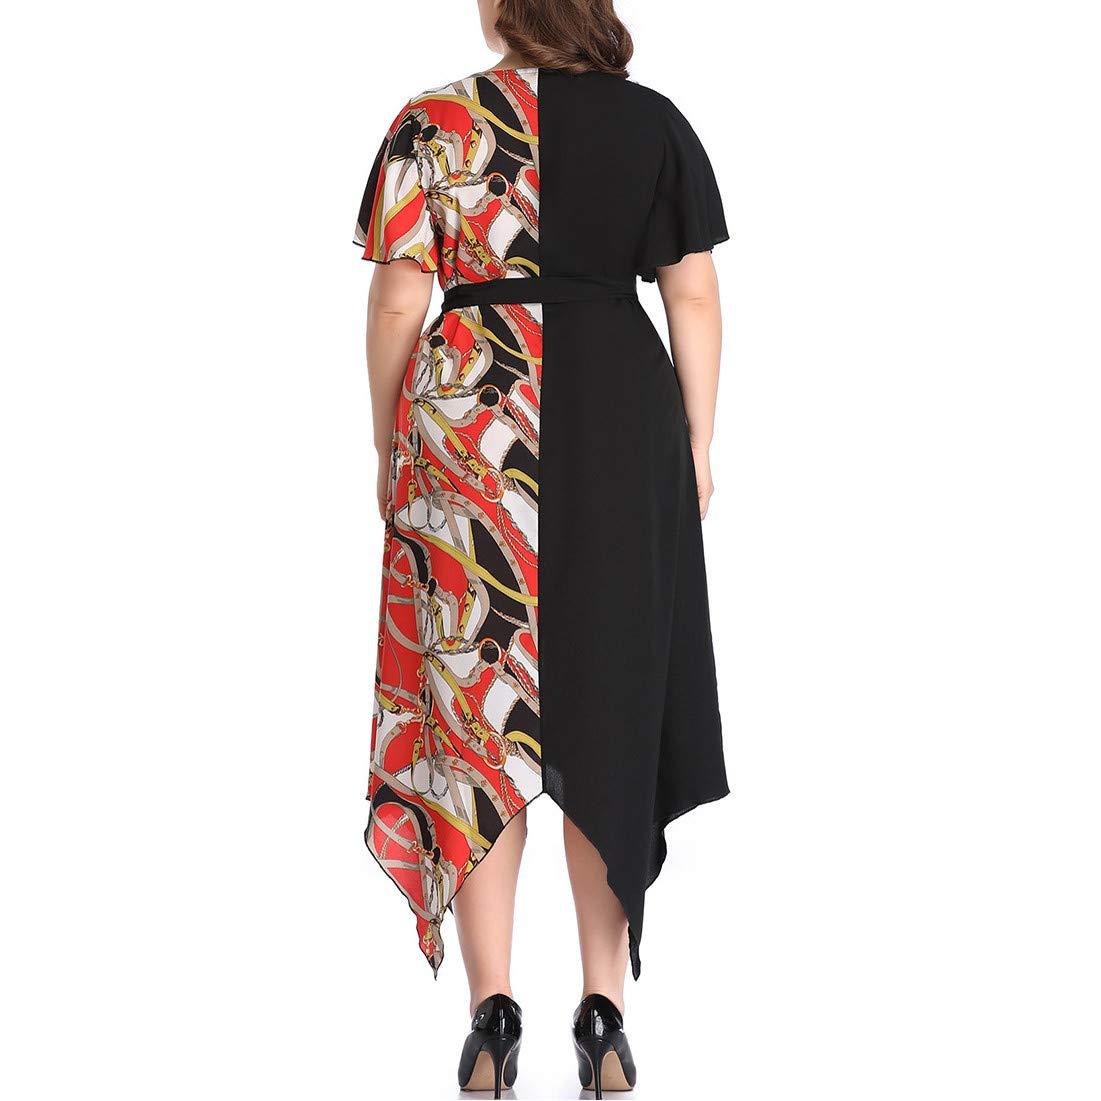 Short Bell Sleeve Print V Neck Women's Maxi Dress Party Dress Irregular Hem Patchwork Dress Purple by Jianekolaa_Dress (Image #4)